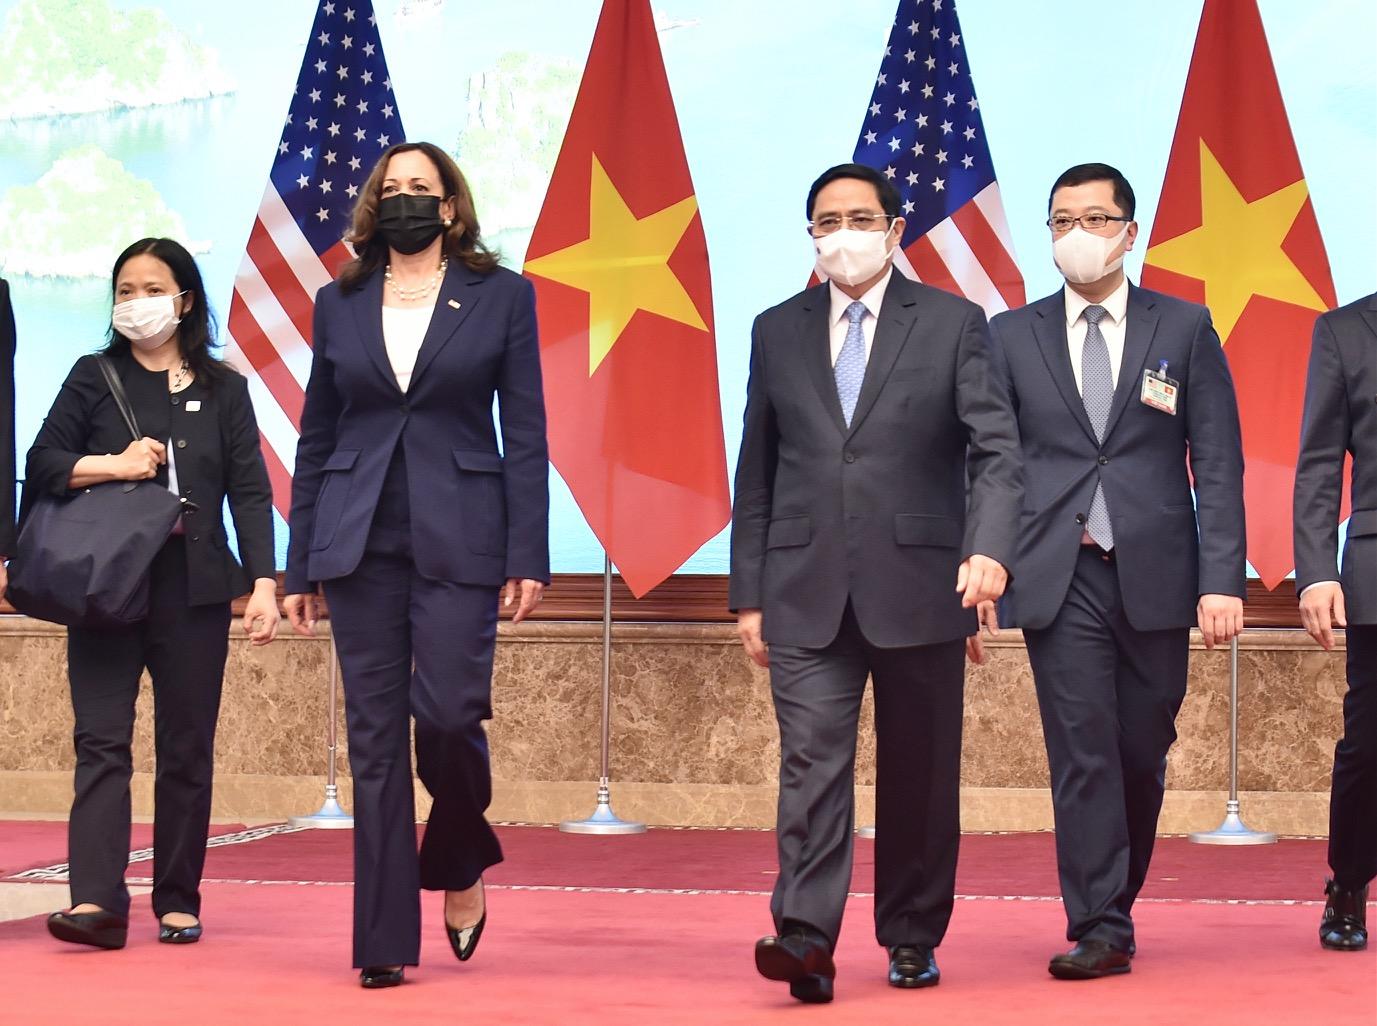 [Ảnh] Cuộc gặp của Phó tổng thống Mỹ Kamala Harris với các lãnh đạo Việt Nam